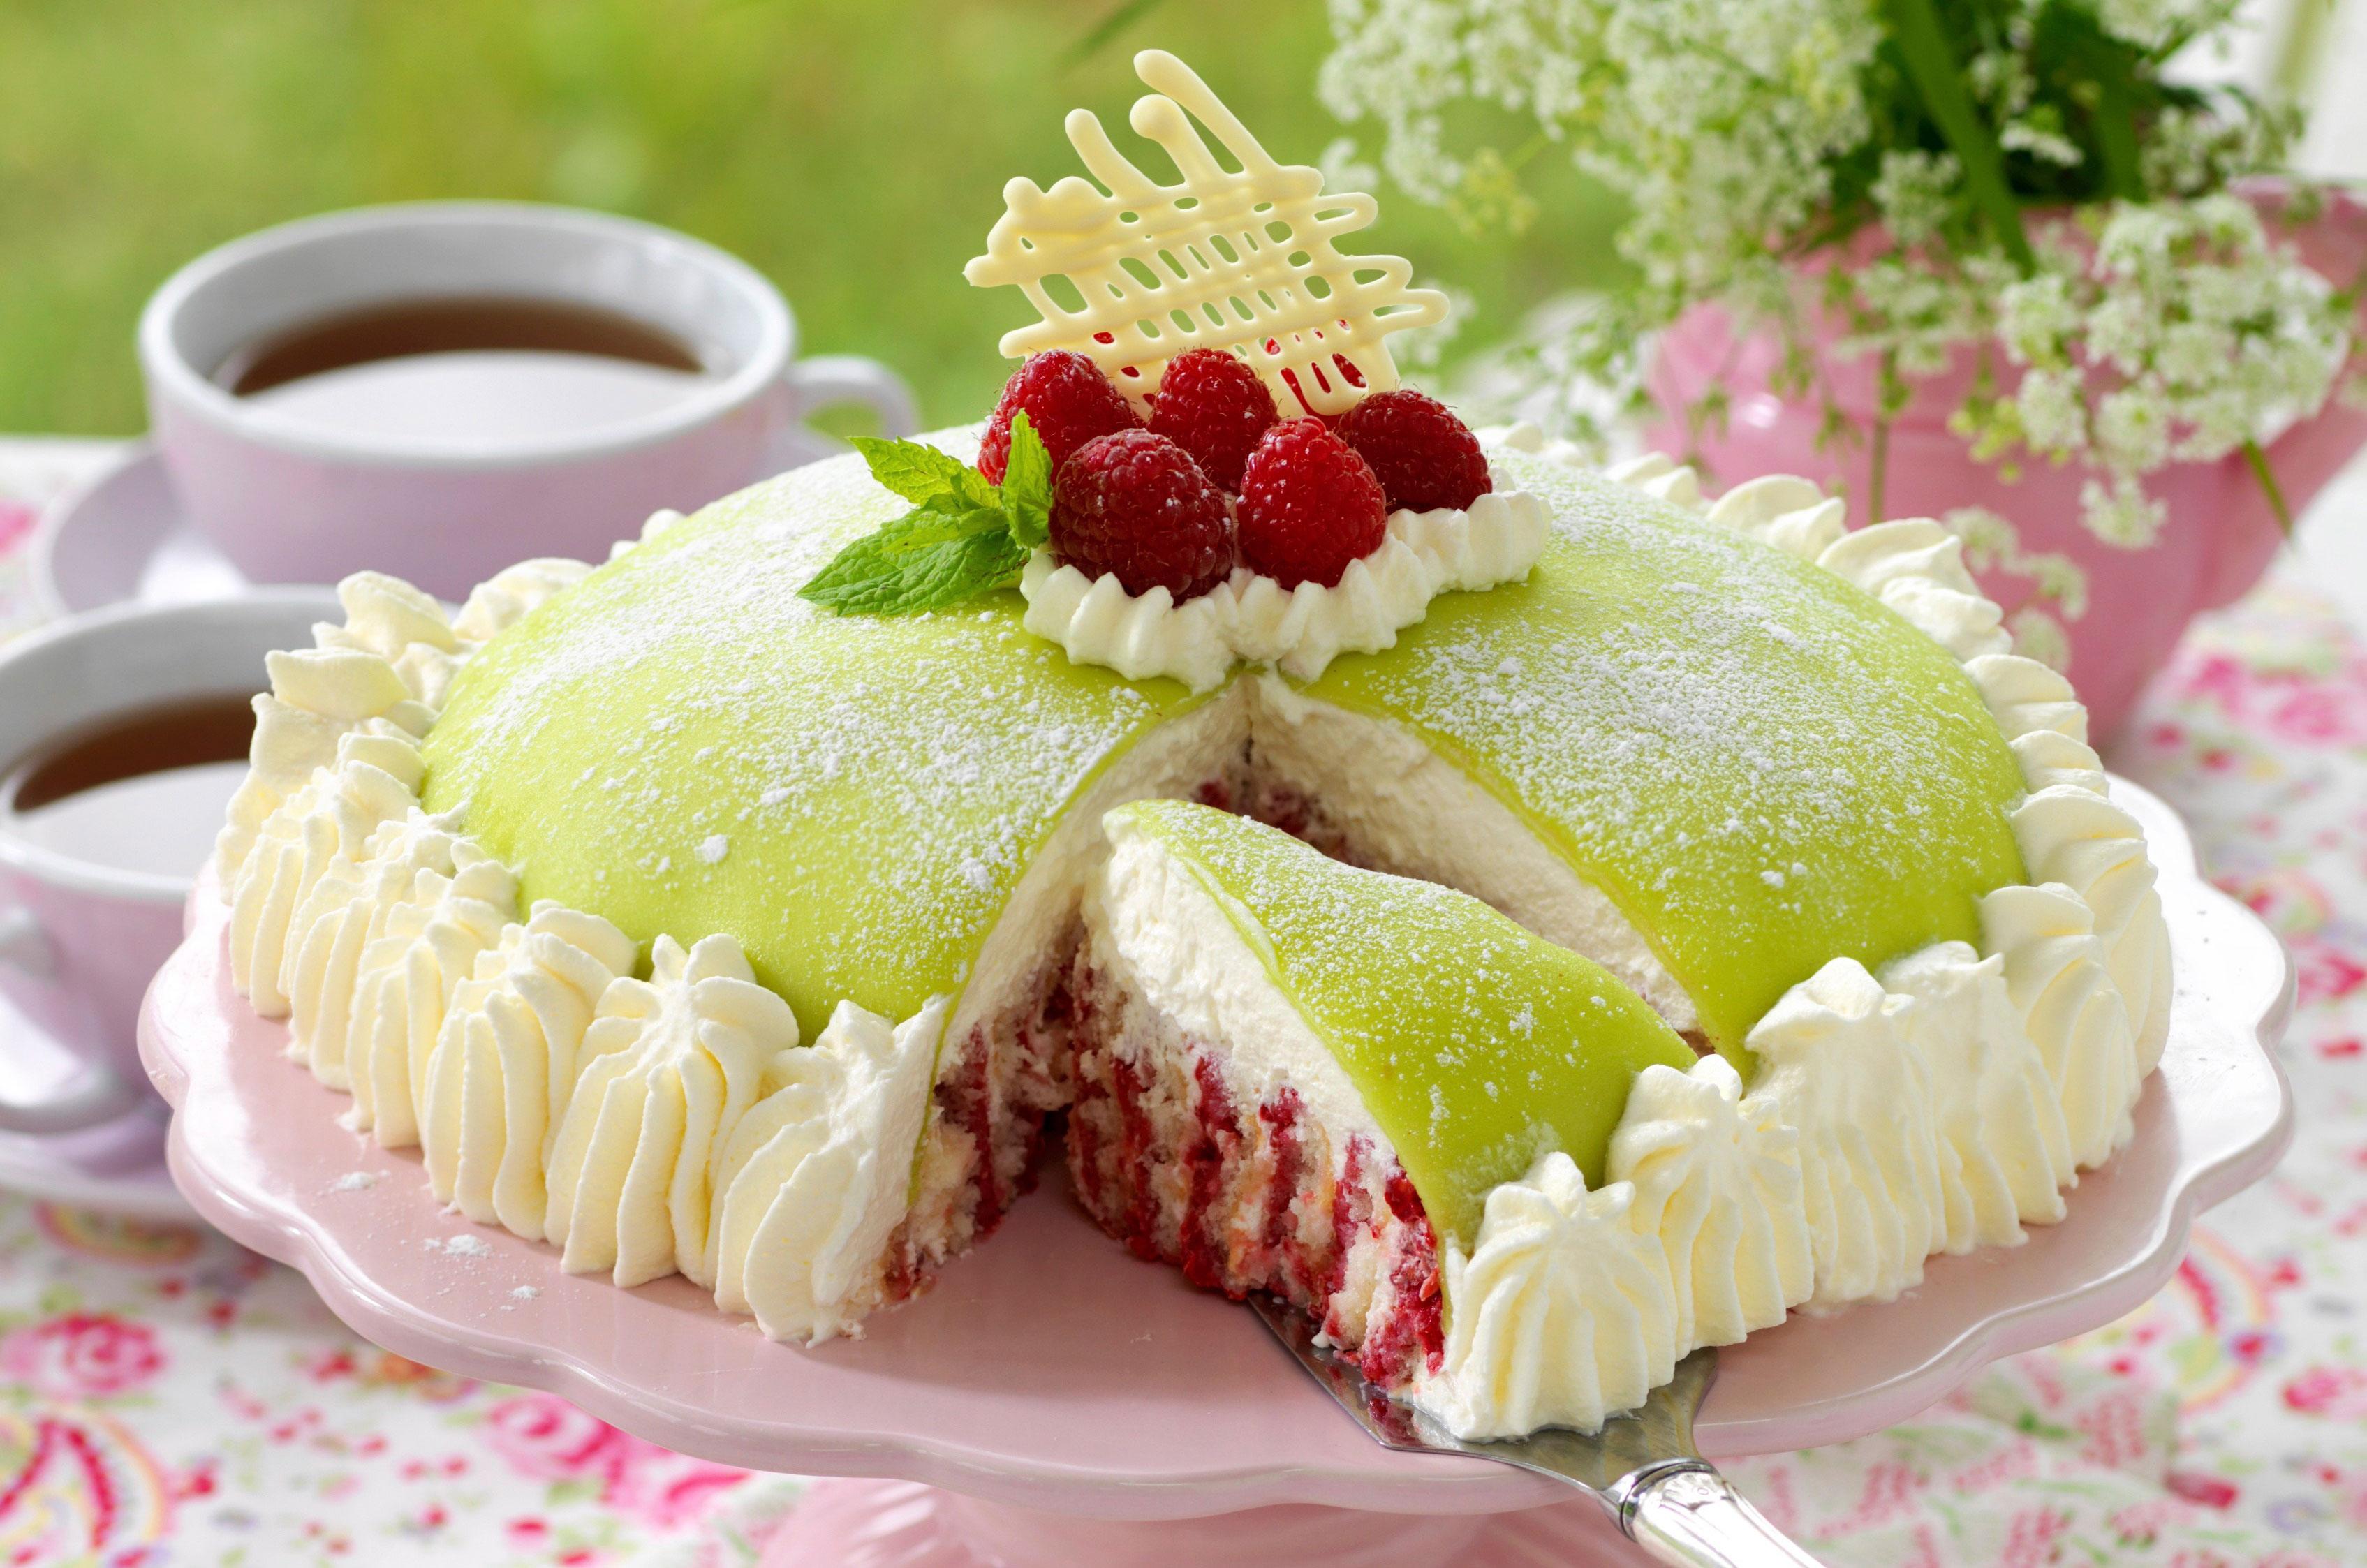 karuselltårta